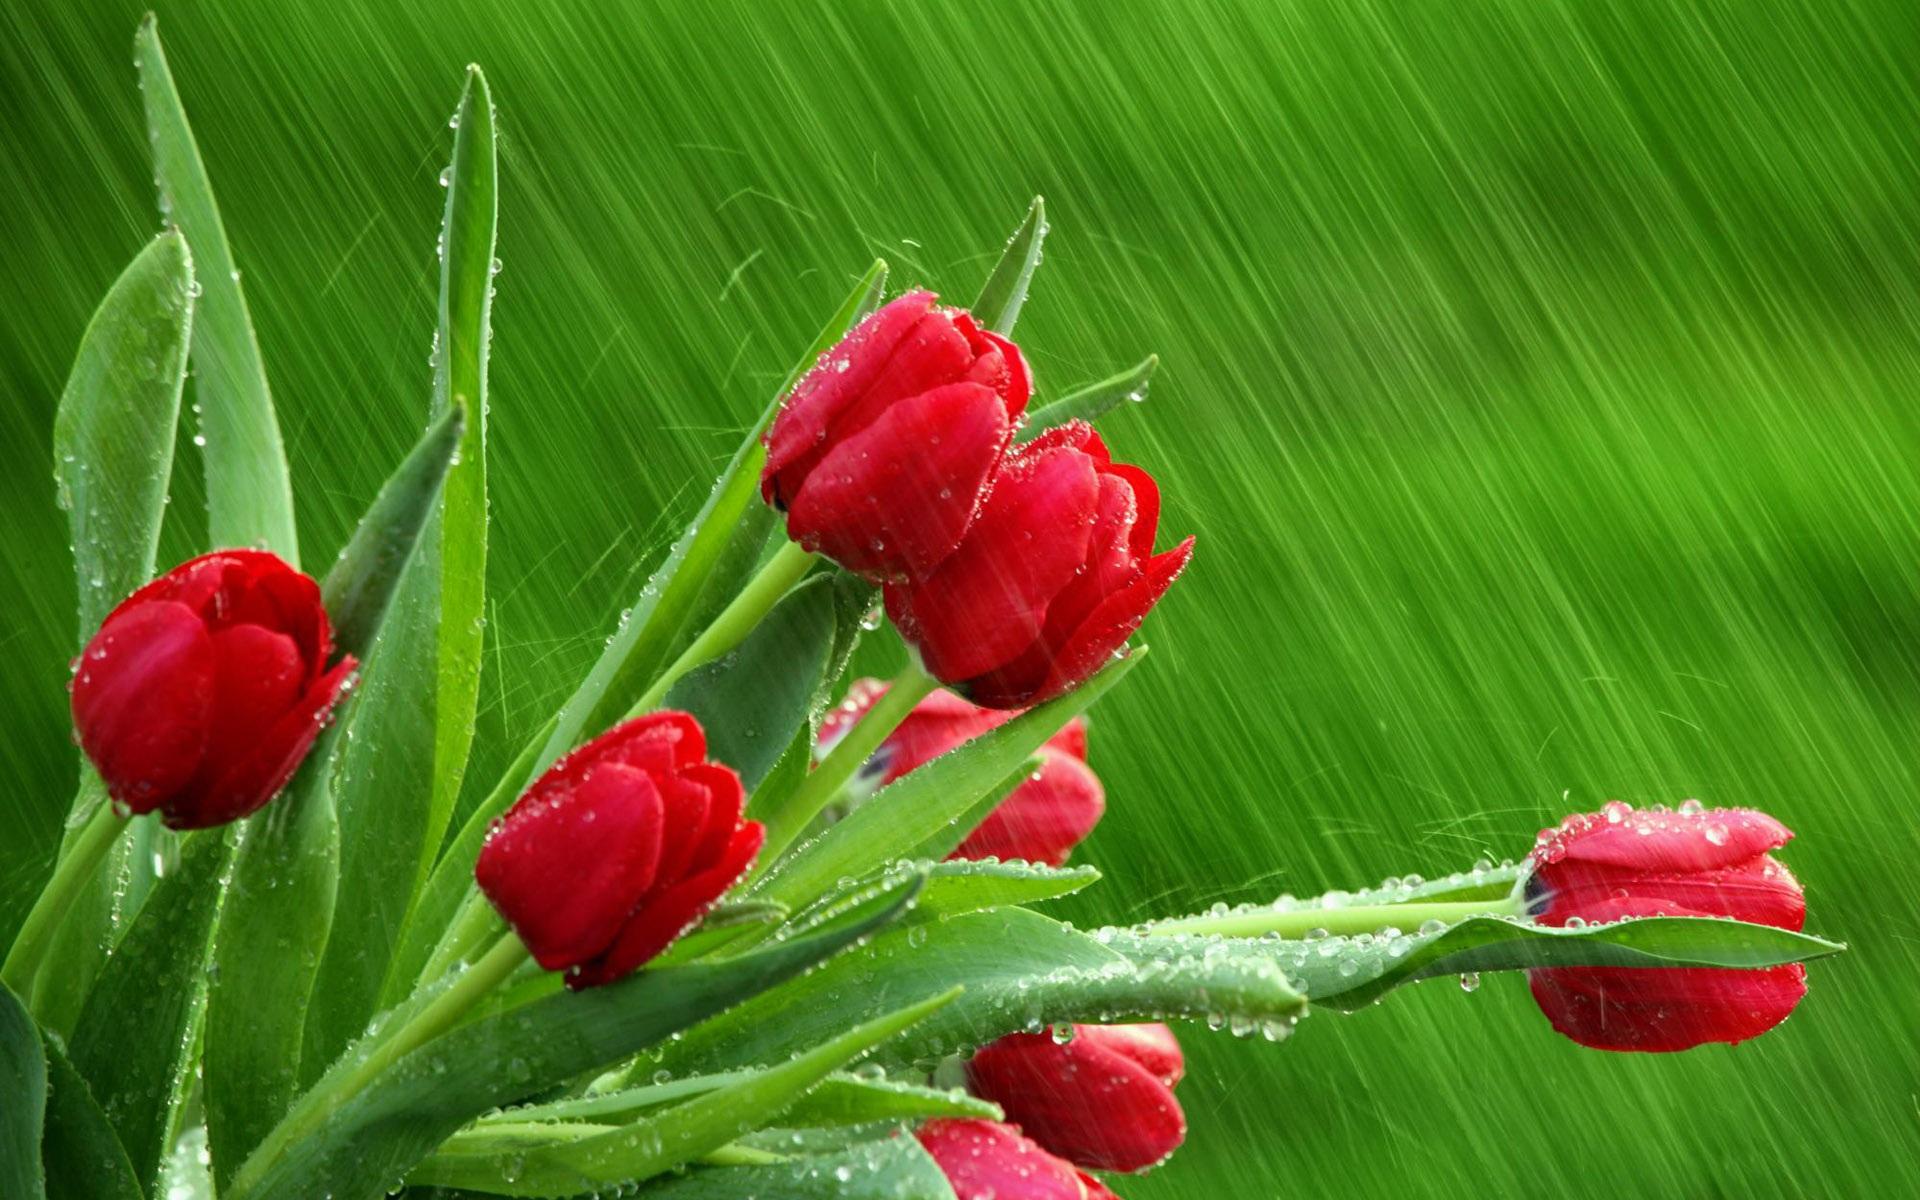 Fondos De Pantalla 1440x900 Tulipas Pascua Fondo De Color: Fondos De Pantalla Red Tulipanes Fondo Verde 1920x1200 HD